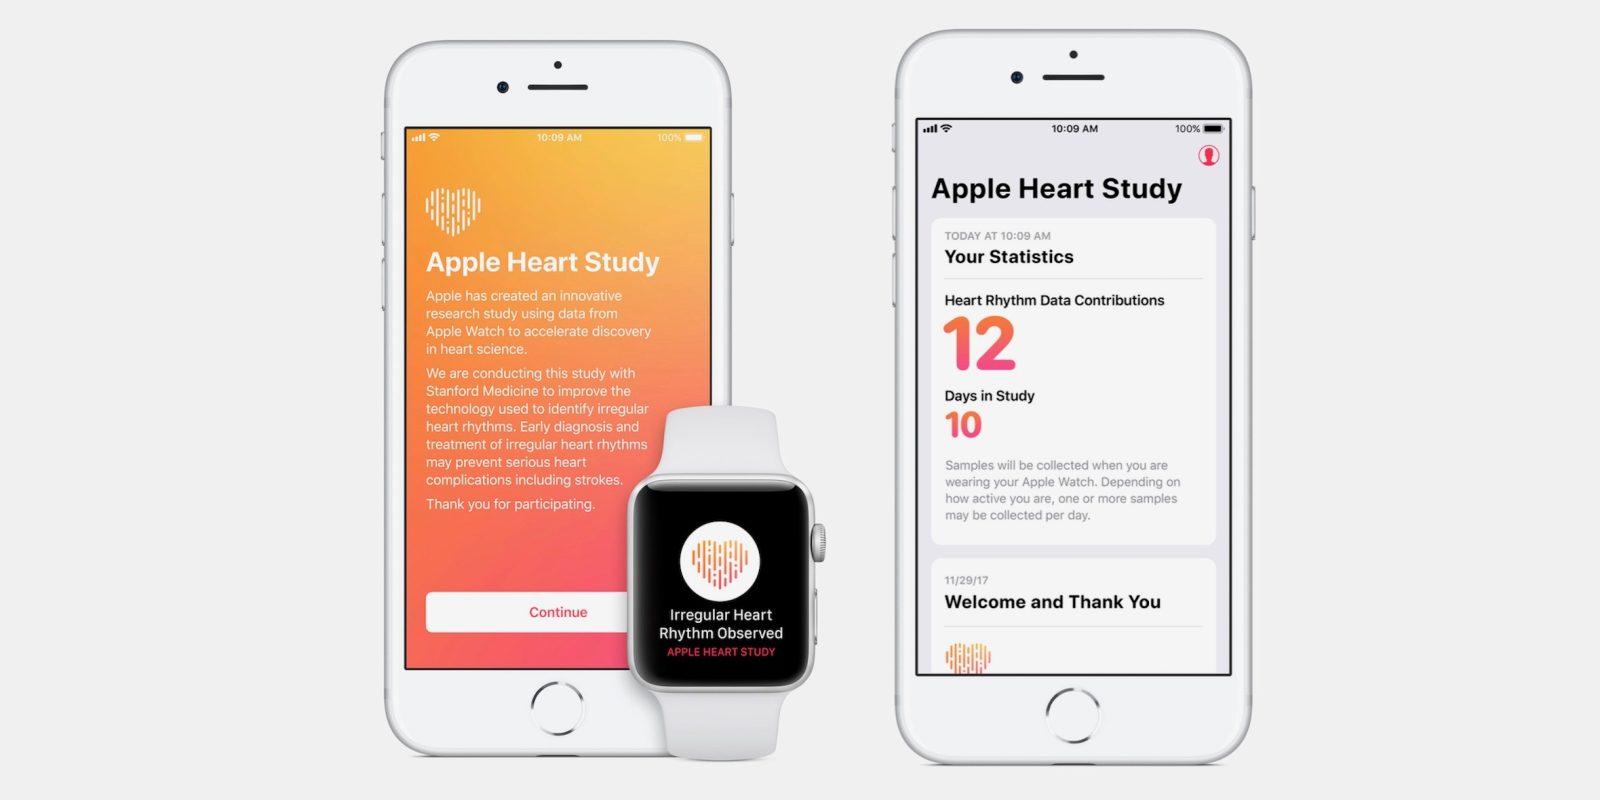 苹果与斯坦福携手深入进行心脏项目研究